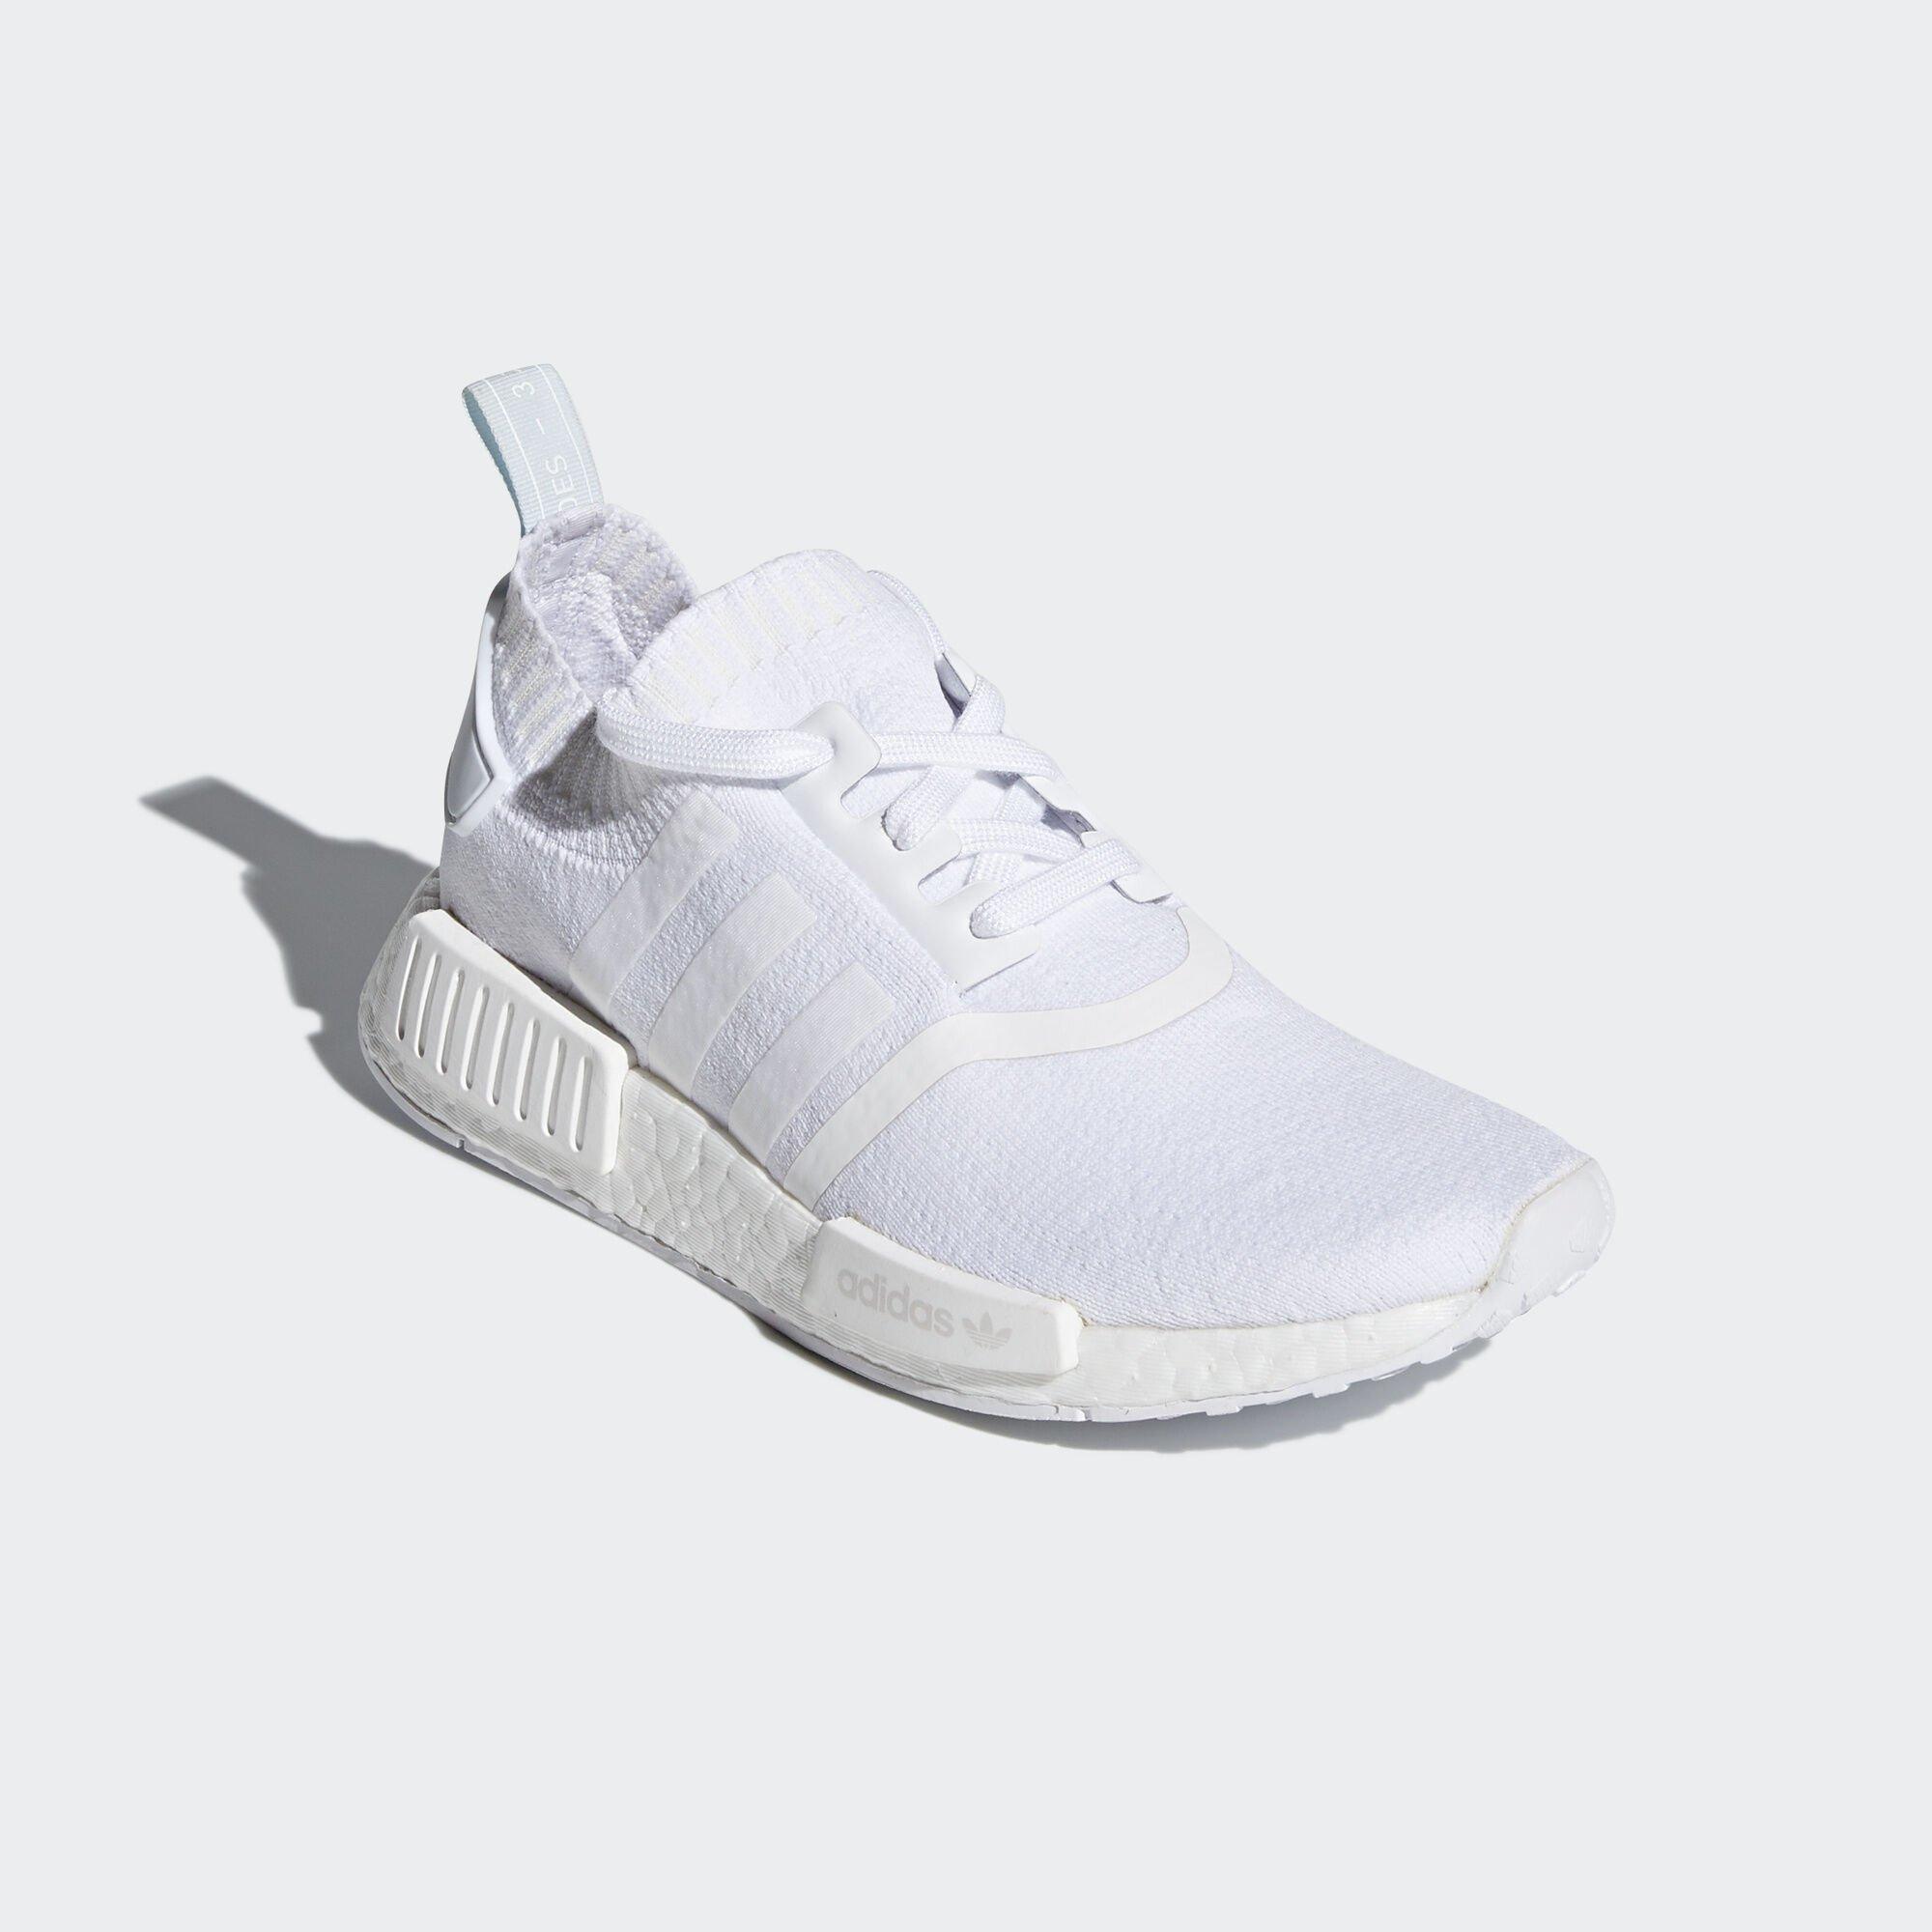 adidas NMD R1 Cloud White (W) (CQ2040)